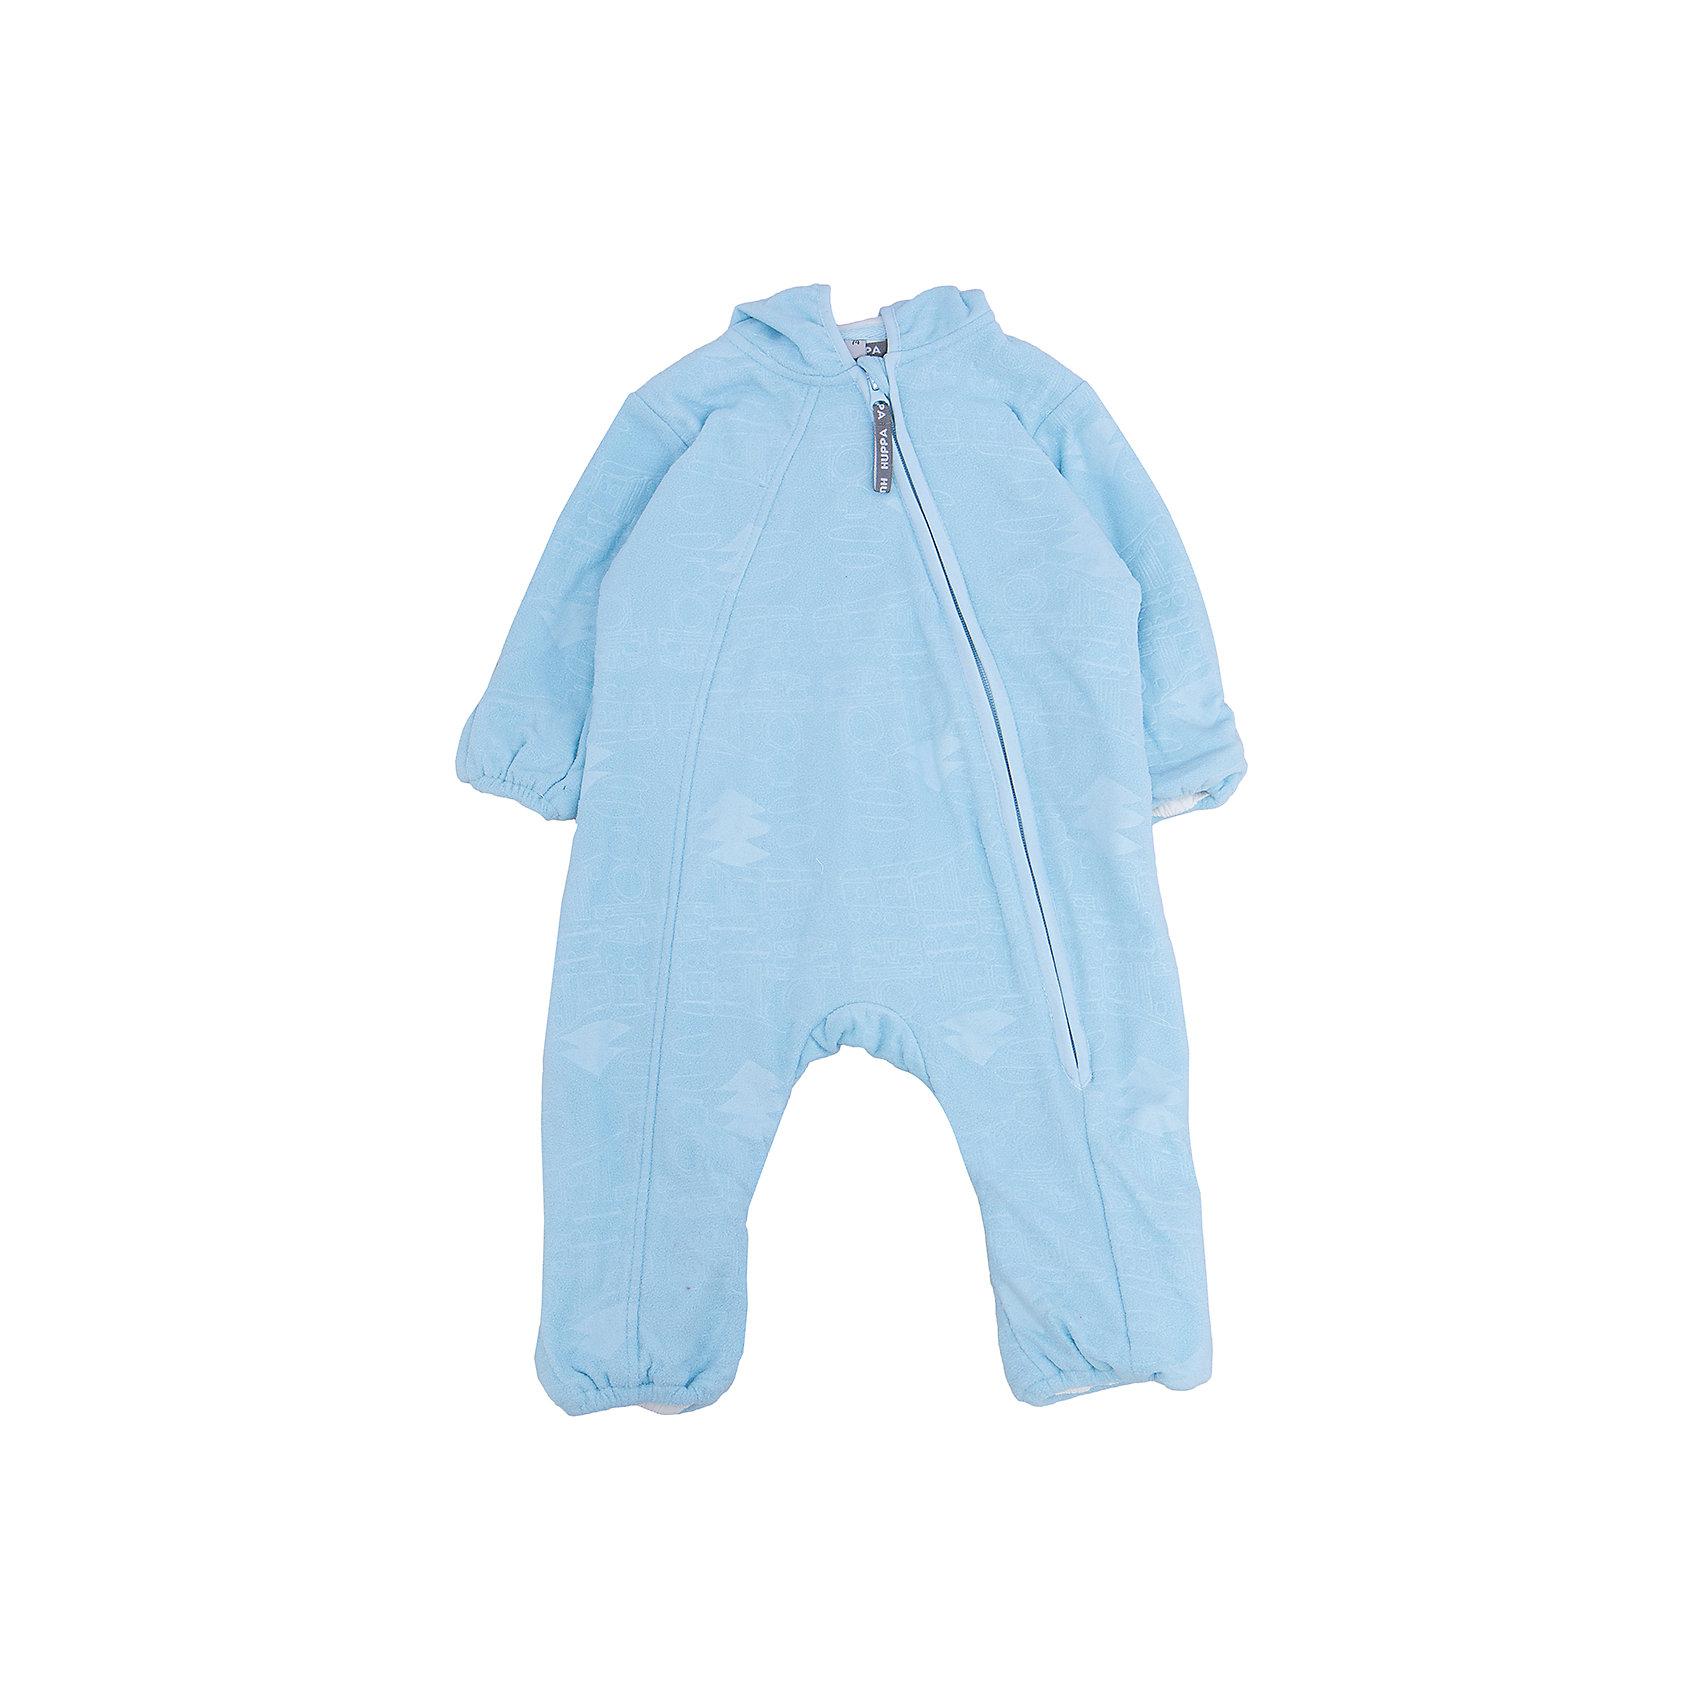 Комбинезон флисовый  HuppaФлисовый комбинезон DANDY Huppa(Хуппа) имеет капюшон и застегивается на молнию по диагонали. На манжетах и талии есть резинки, надежно защищающие малыша от попадания ветра под одежду. Комбинезон достаточно теплый, хорошо сидит по фигуре и отлично подойдет в качестве промежуточного слоя в одежде в зимнее время или как верхняя одежда весной-осенью.<br><br>Дополнительная информация:<br>Материал: 100% полиэстер<br>Цвет: голубой<br><br>Флисовый комбинезон DANDY Huppa(Хуппа) вы можете приобрести в нашем интернет-магазине<br><br>Ширина мм: 356<br>Глубина мм: 10<br>Высота мм: 245<br>Вес г: 519<br>Цвет: голубой<br>Возраст от месяцев: 6<br>Возраст до месяцев: 9<br>Пол: Унисекс<br>Возраст: Детский<br>Размер: 74,68,62,86,80<br>SKU: 4928574